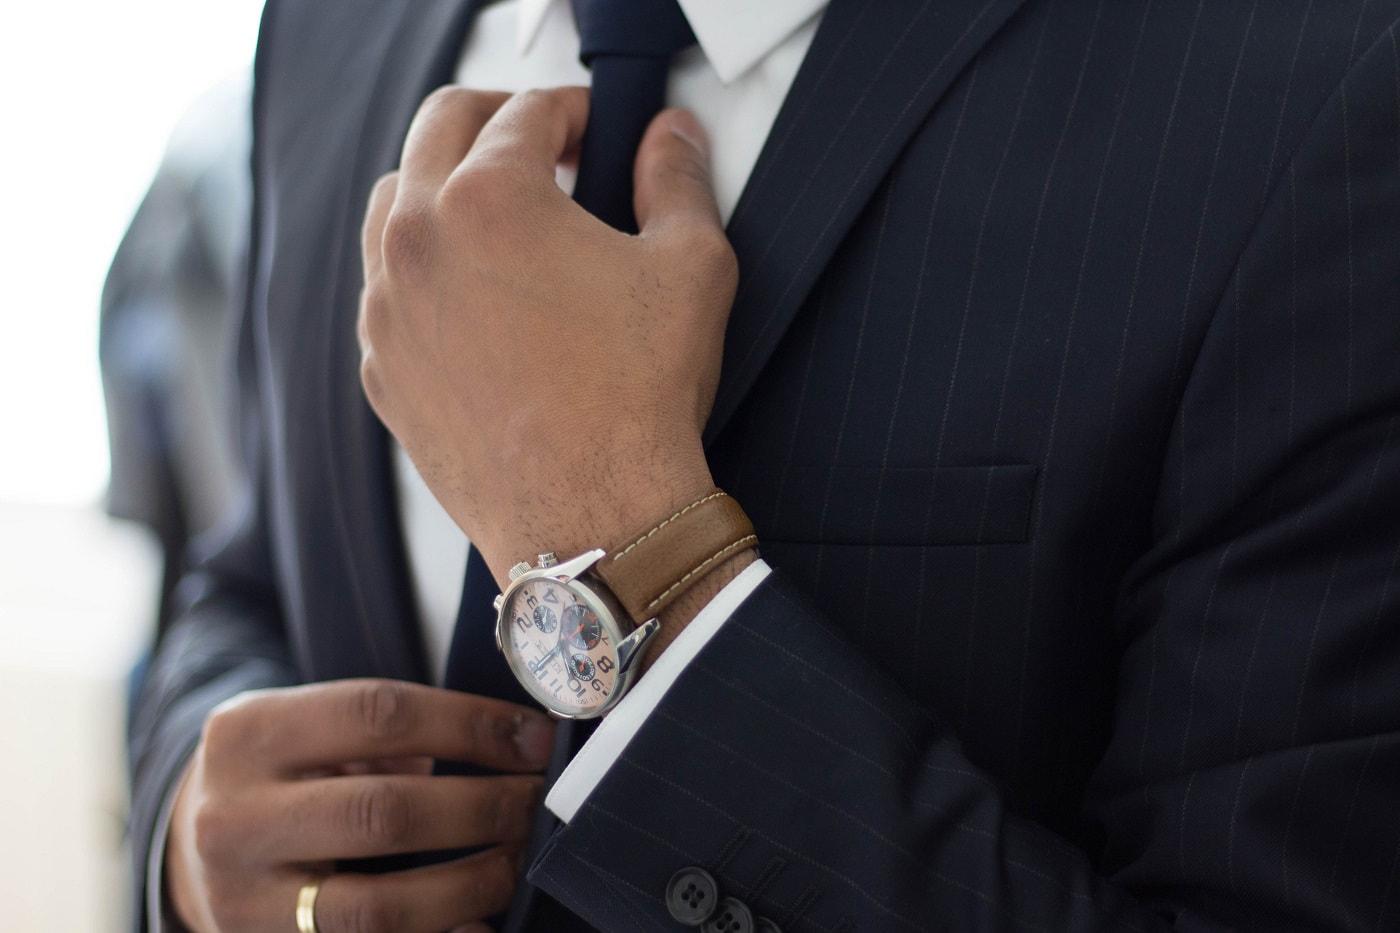 営業マンのスーツの値段はどれくらいか